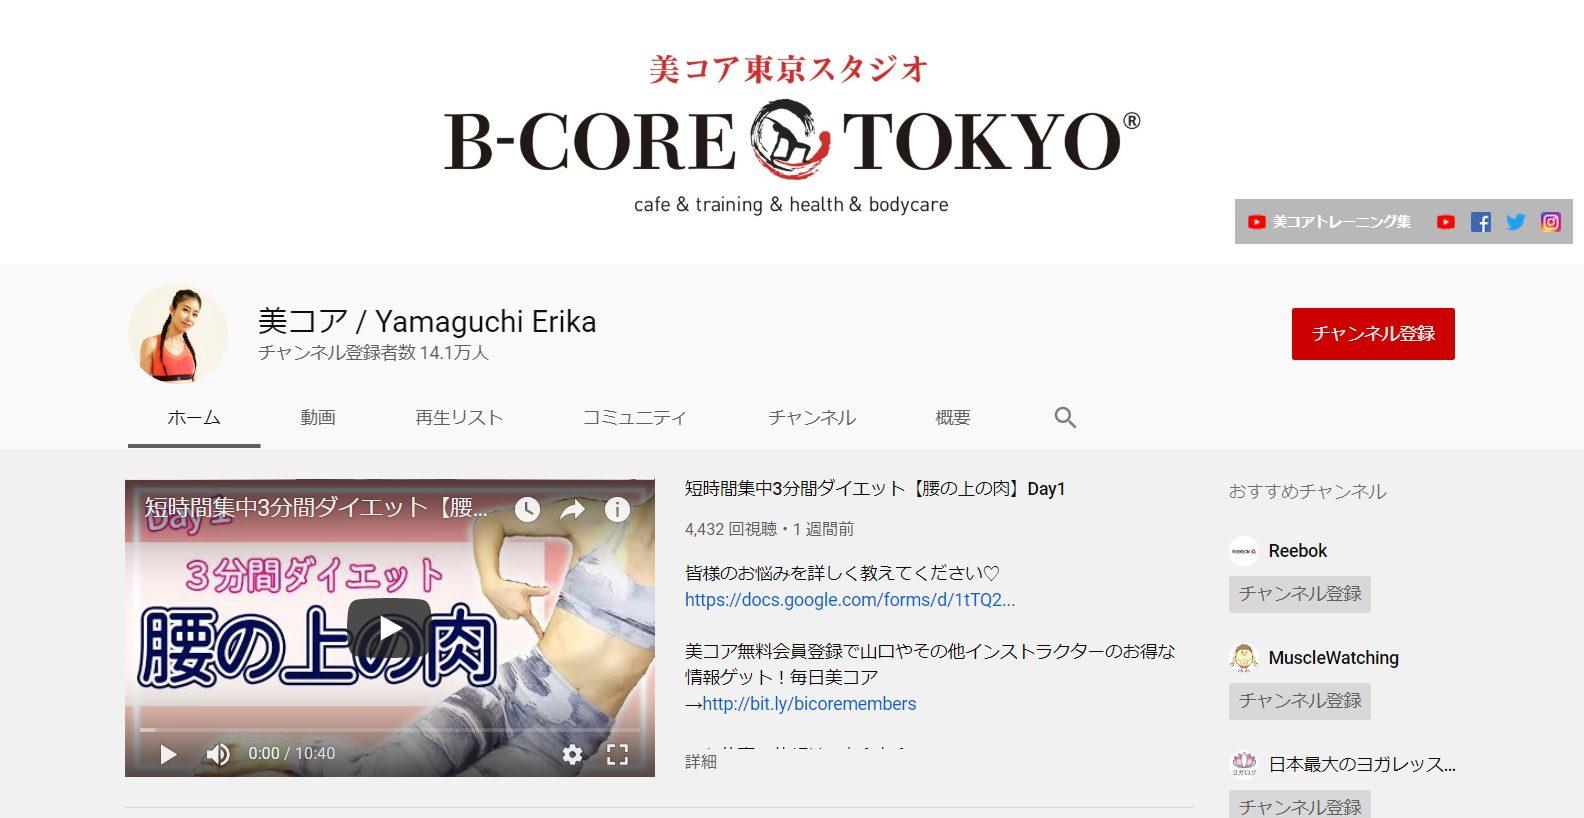 youtube-diet-influencer-yamaguchi-erika